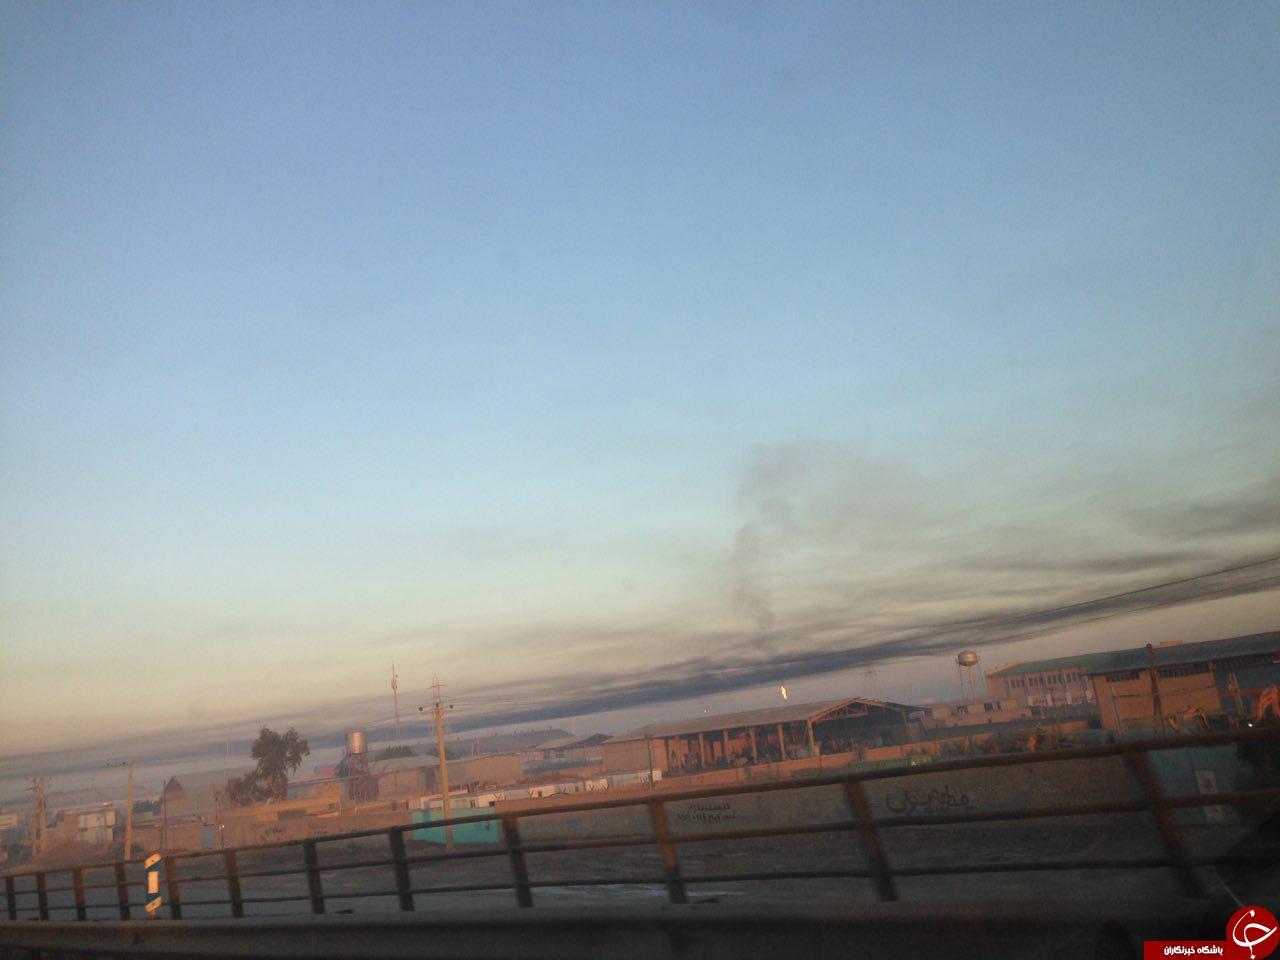 وضعیت وخیم آلودگی هوا در اهواز + تصاویر